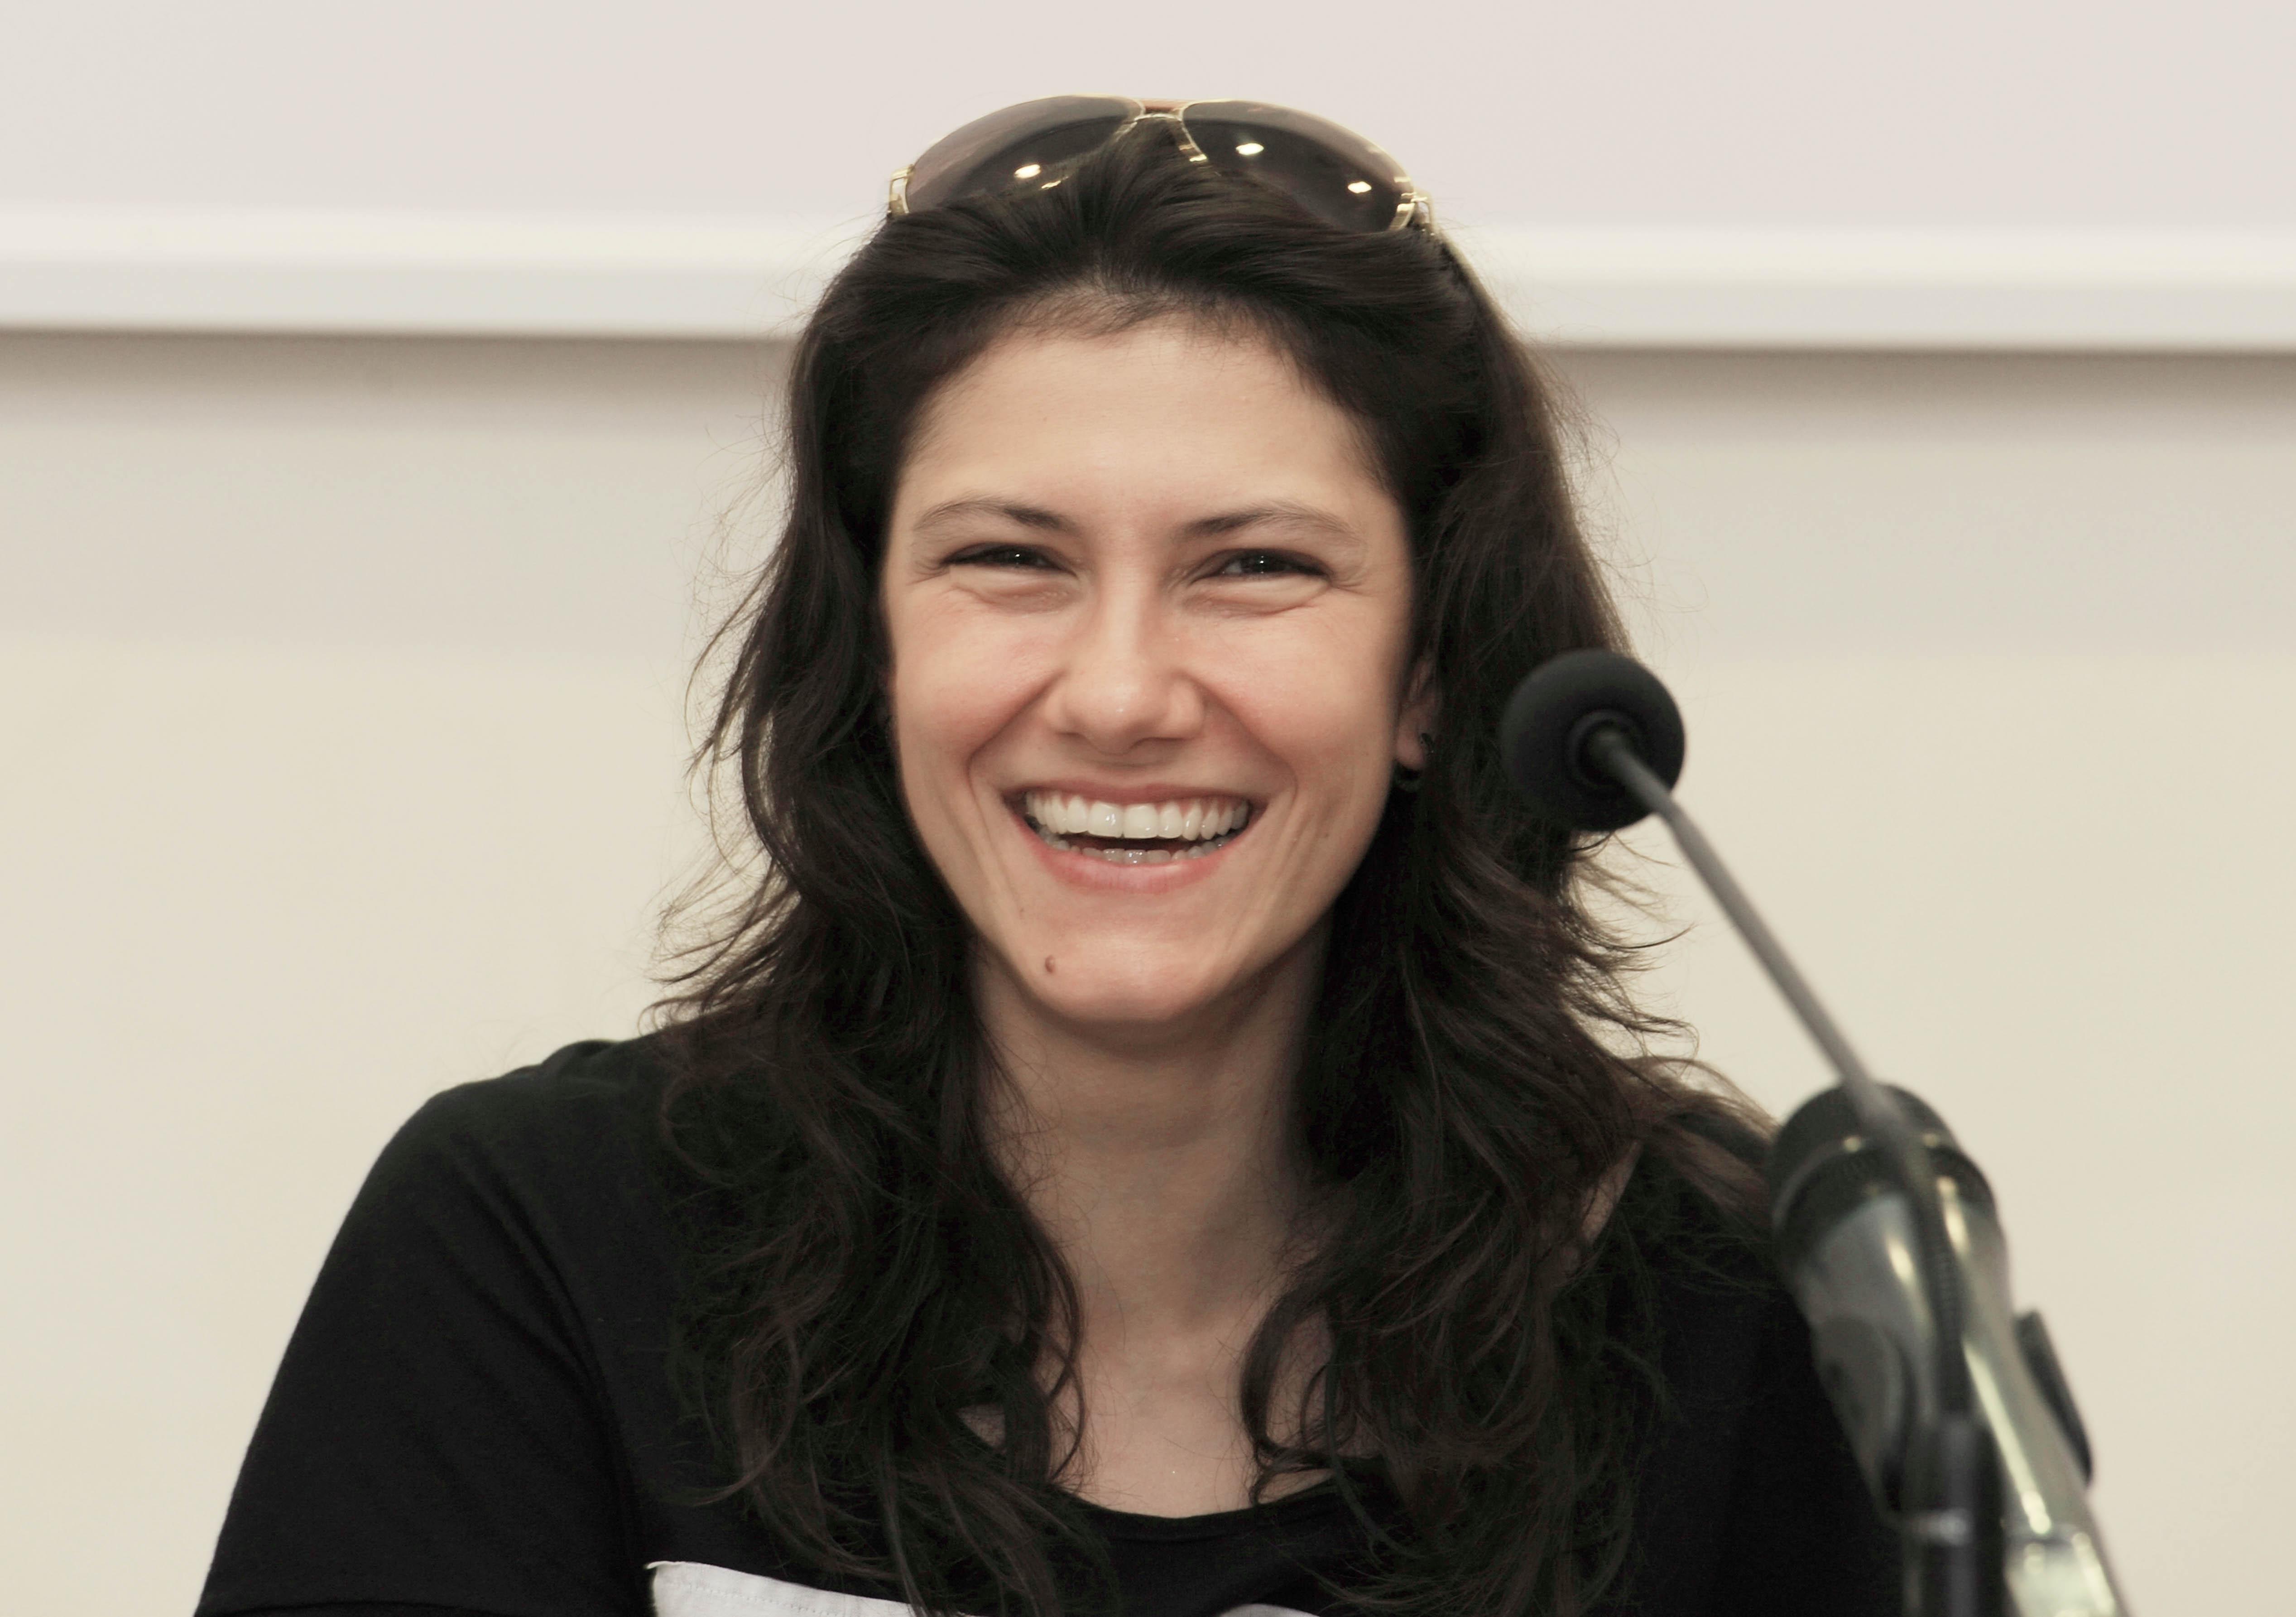 La cantante monfalconese Elisa intervenuta alla conferenza stampa per promuovere l'istituto dell'affido familiare. (Trieste, 17/07/2010)